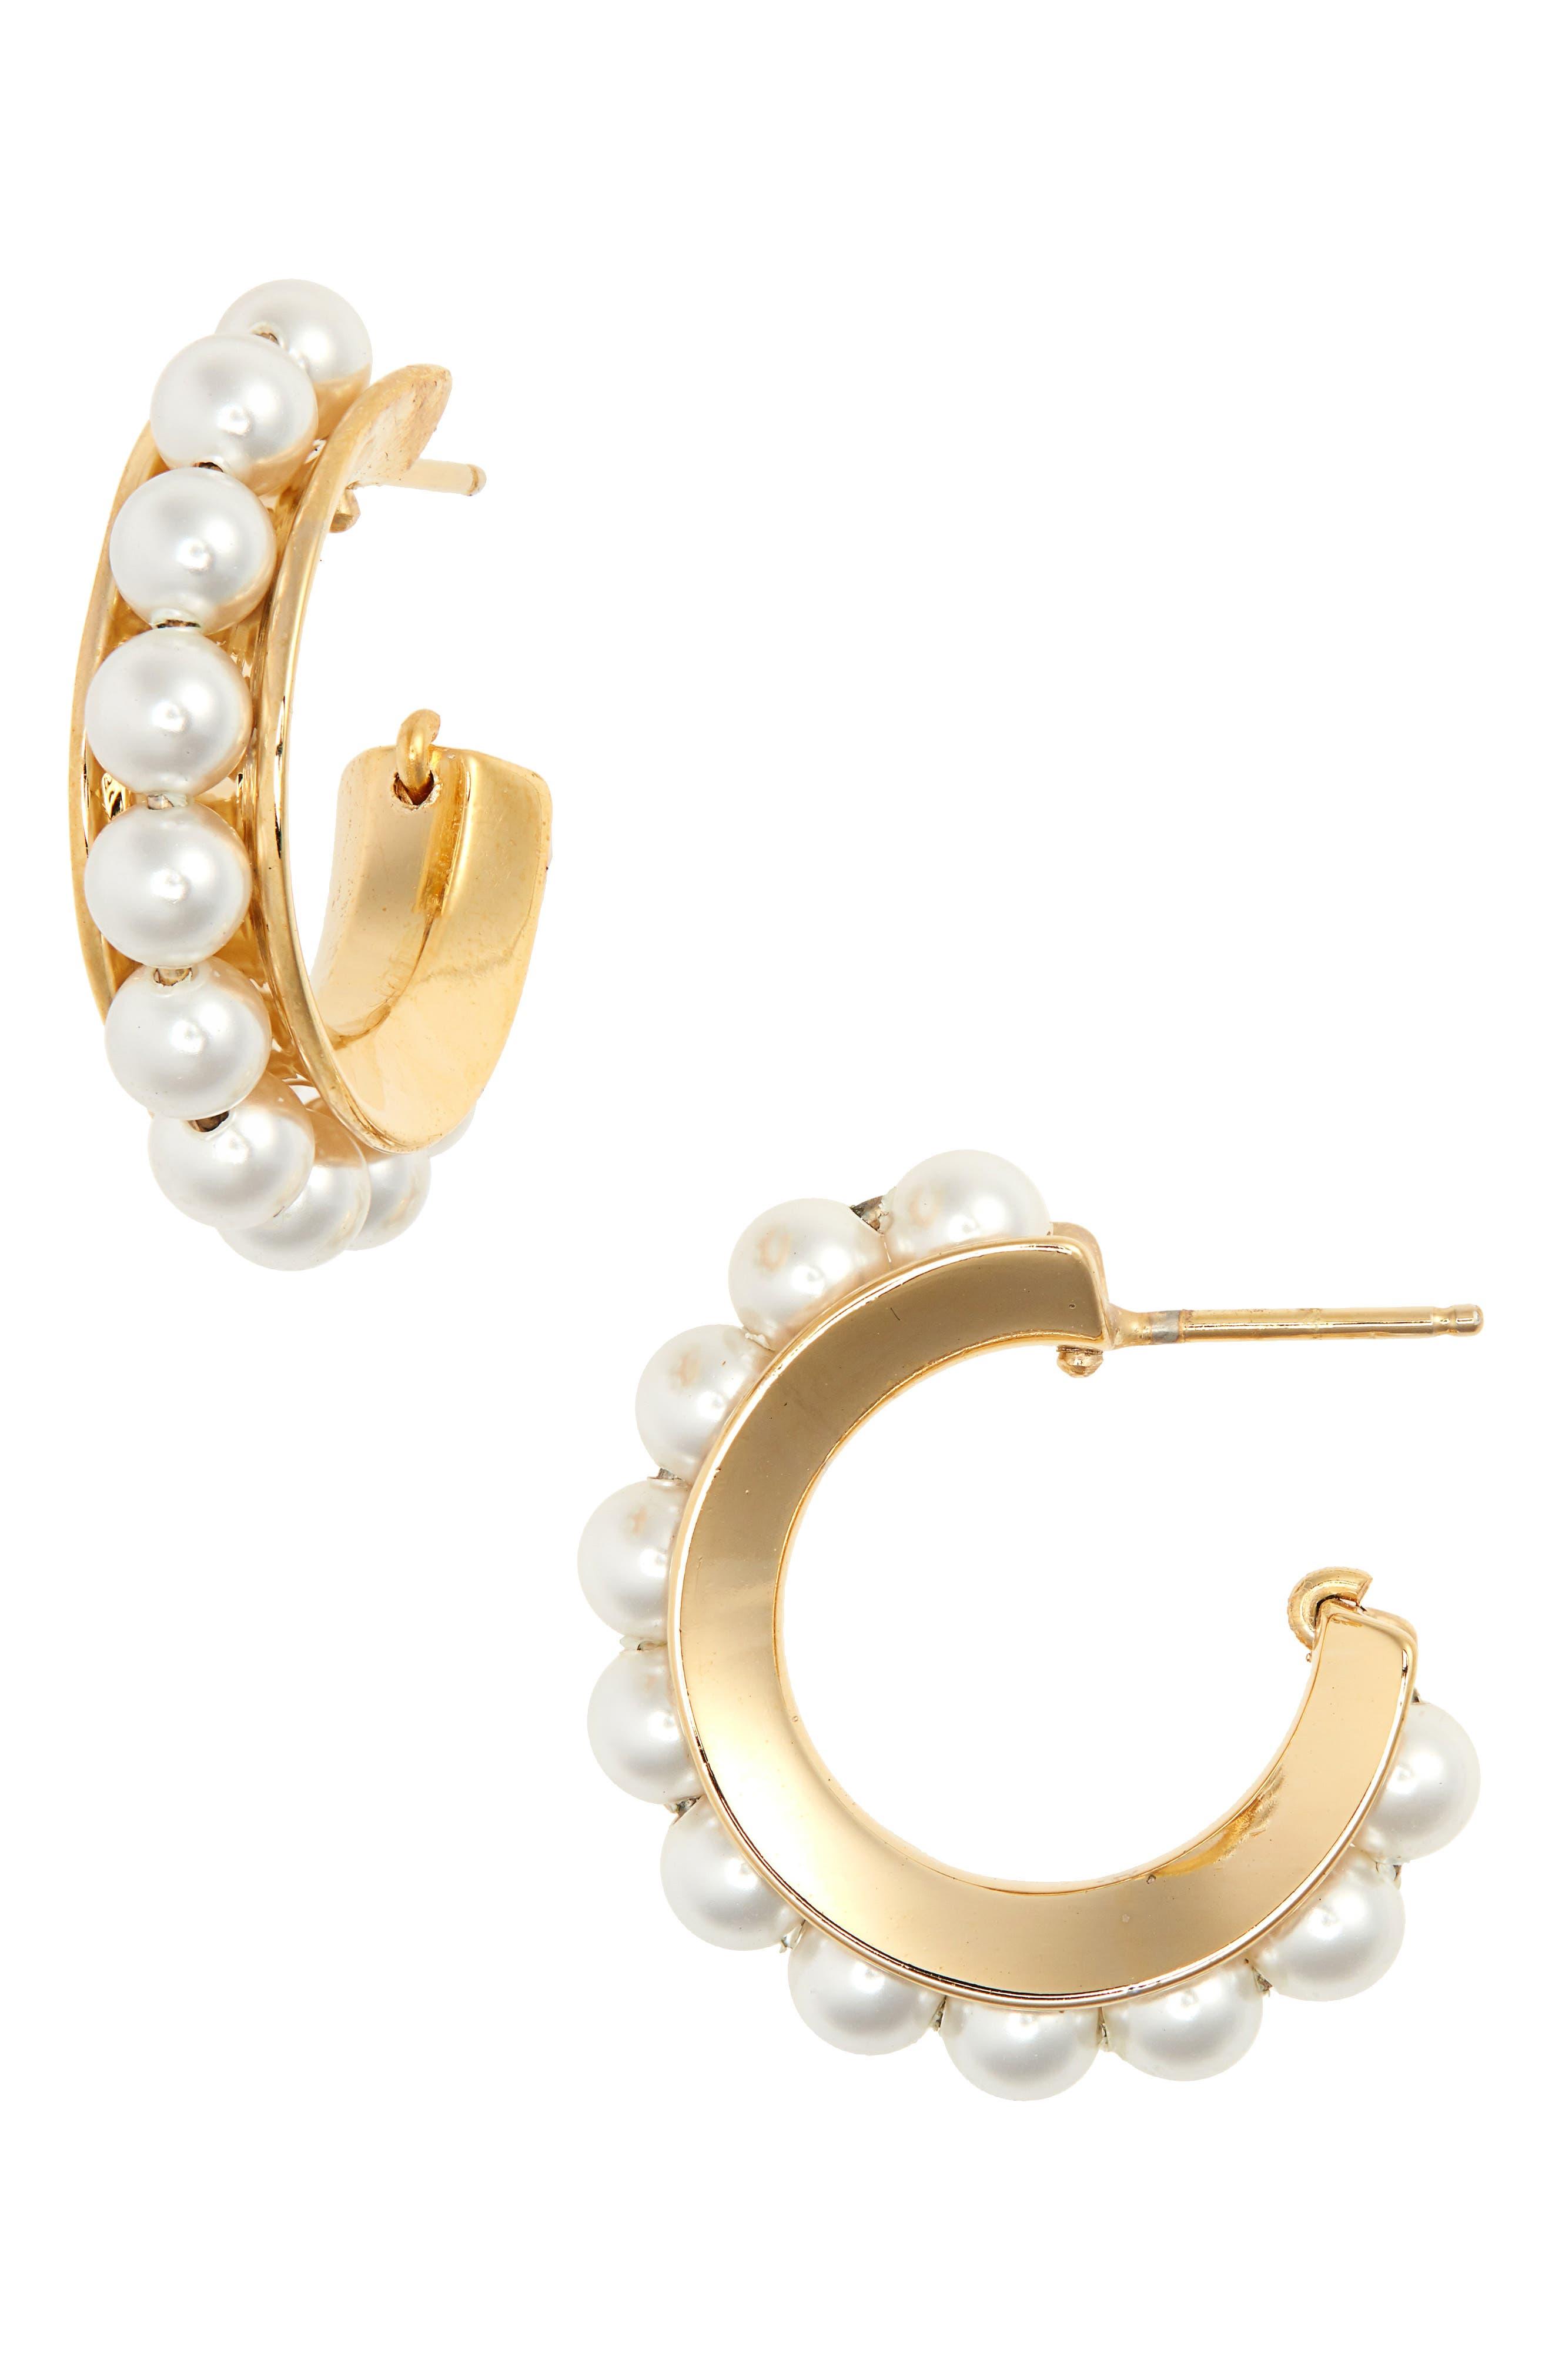 SOPHIE BUHAI Imitation Pearl Hoop Earrings in 18K Gold Vermeil